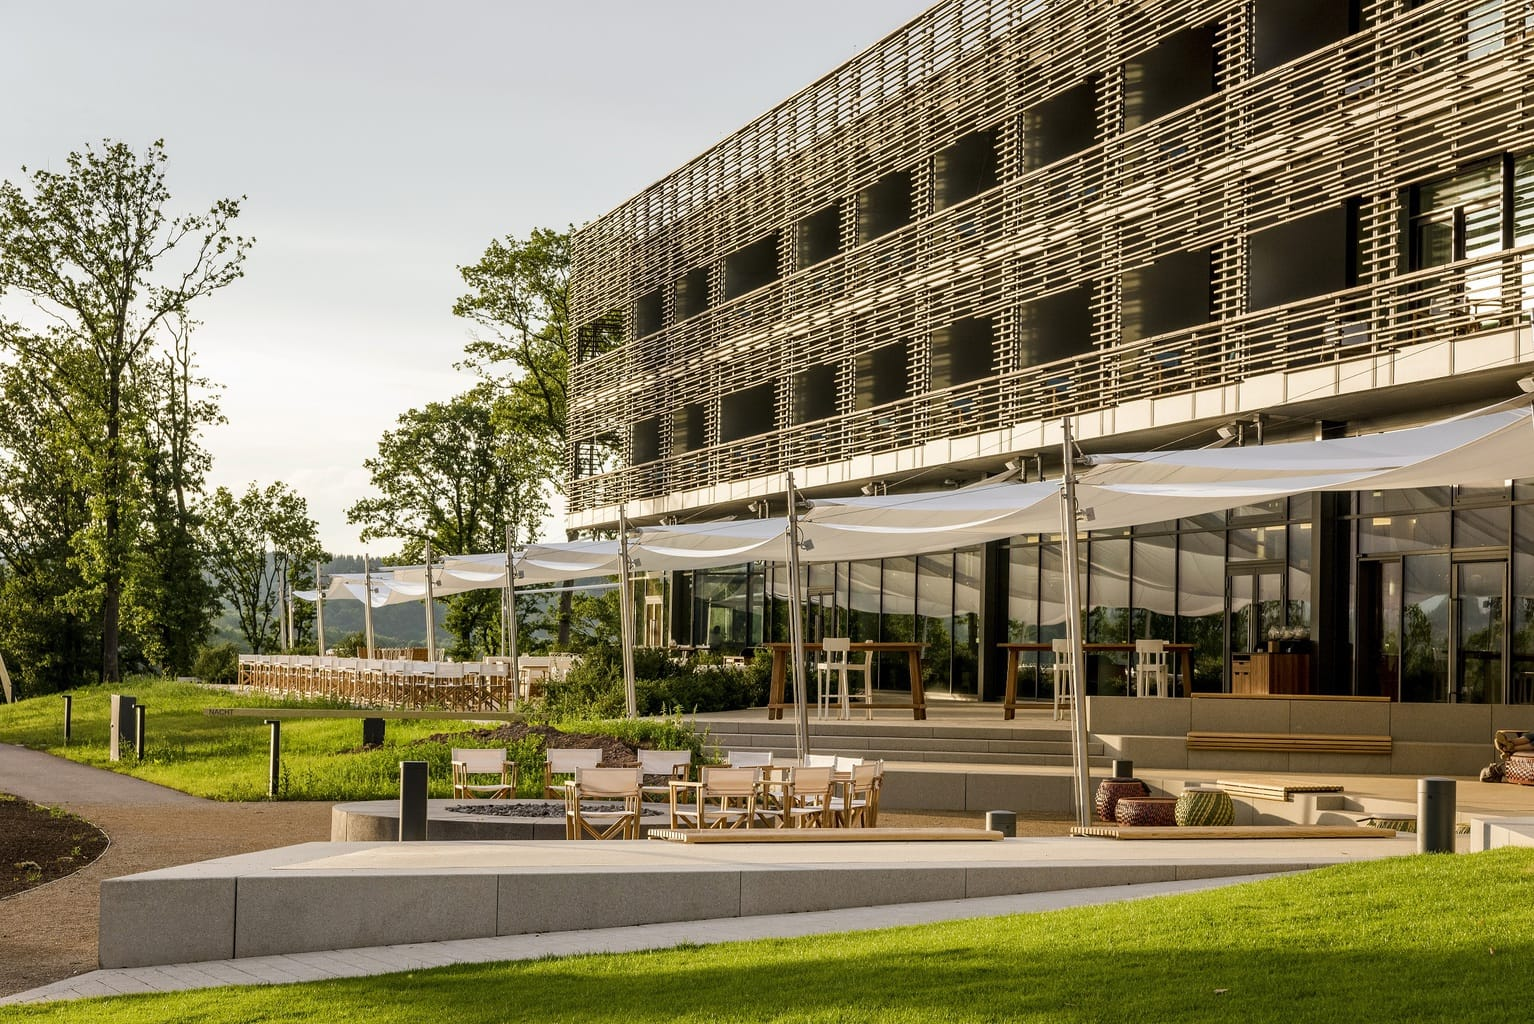 De Seezeitlodge in het Saarland behoort to de supercoole designhotels in Duitsland